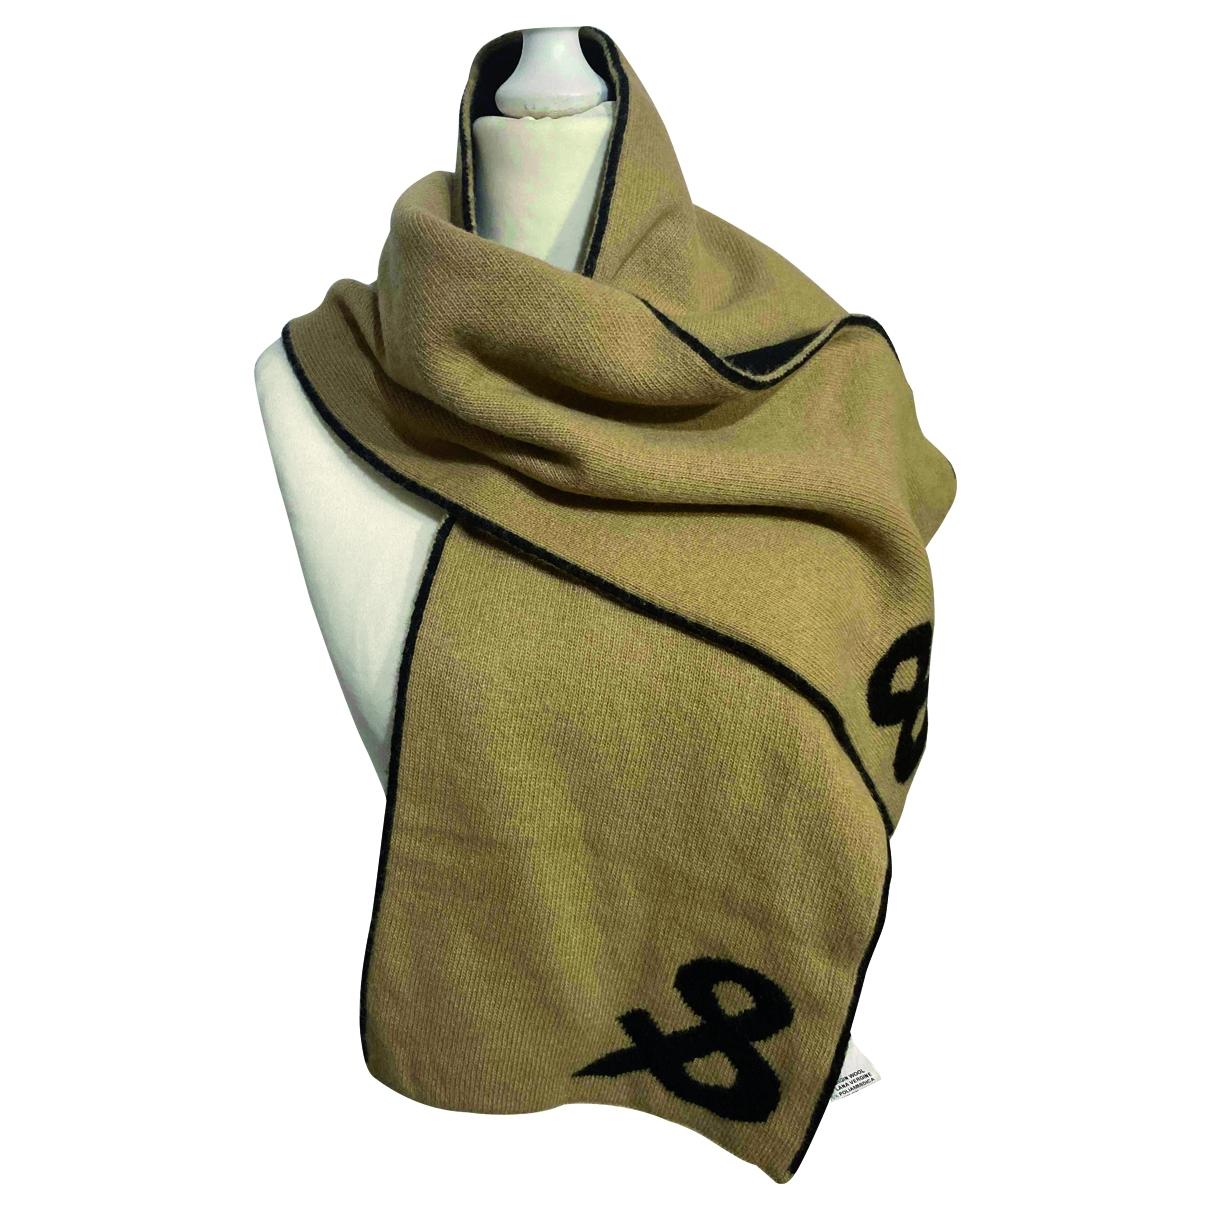 Dolce & Gabbana \N Schal in  Beige Wolle